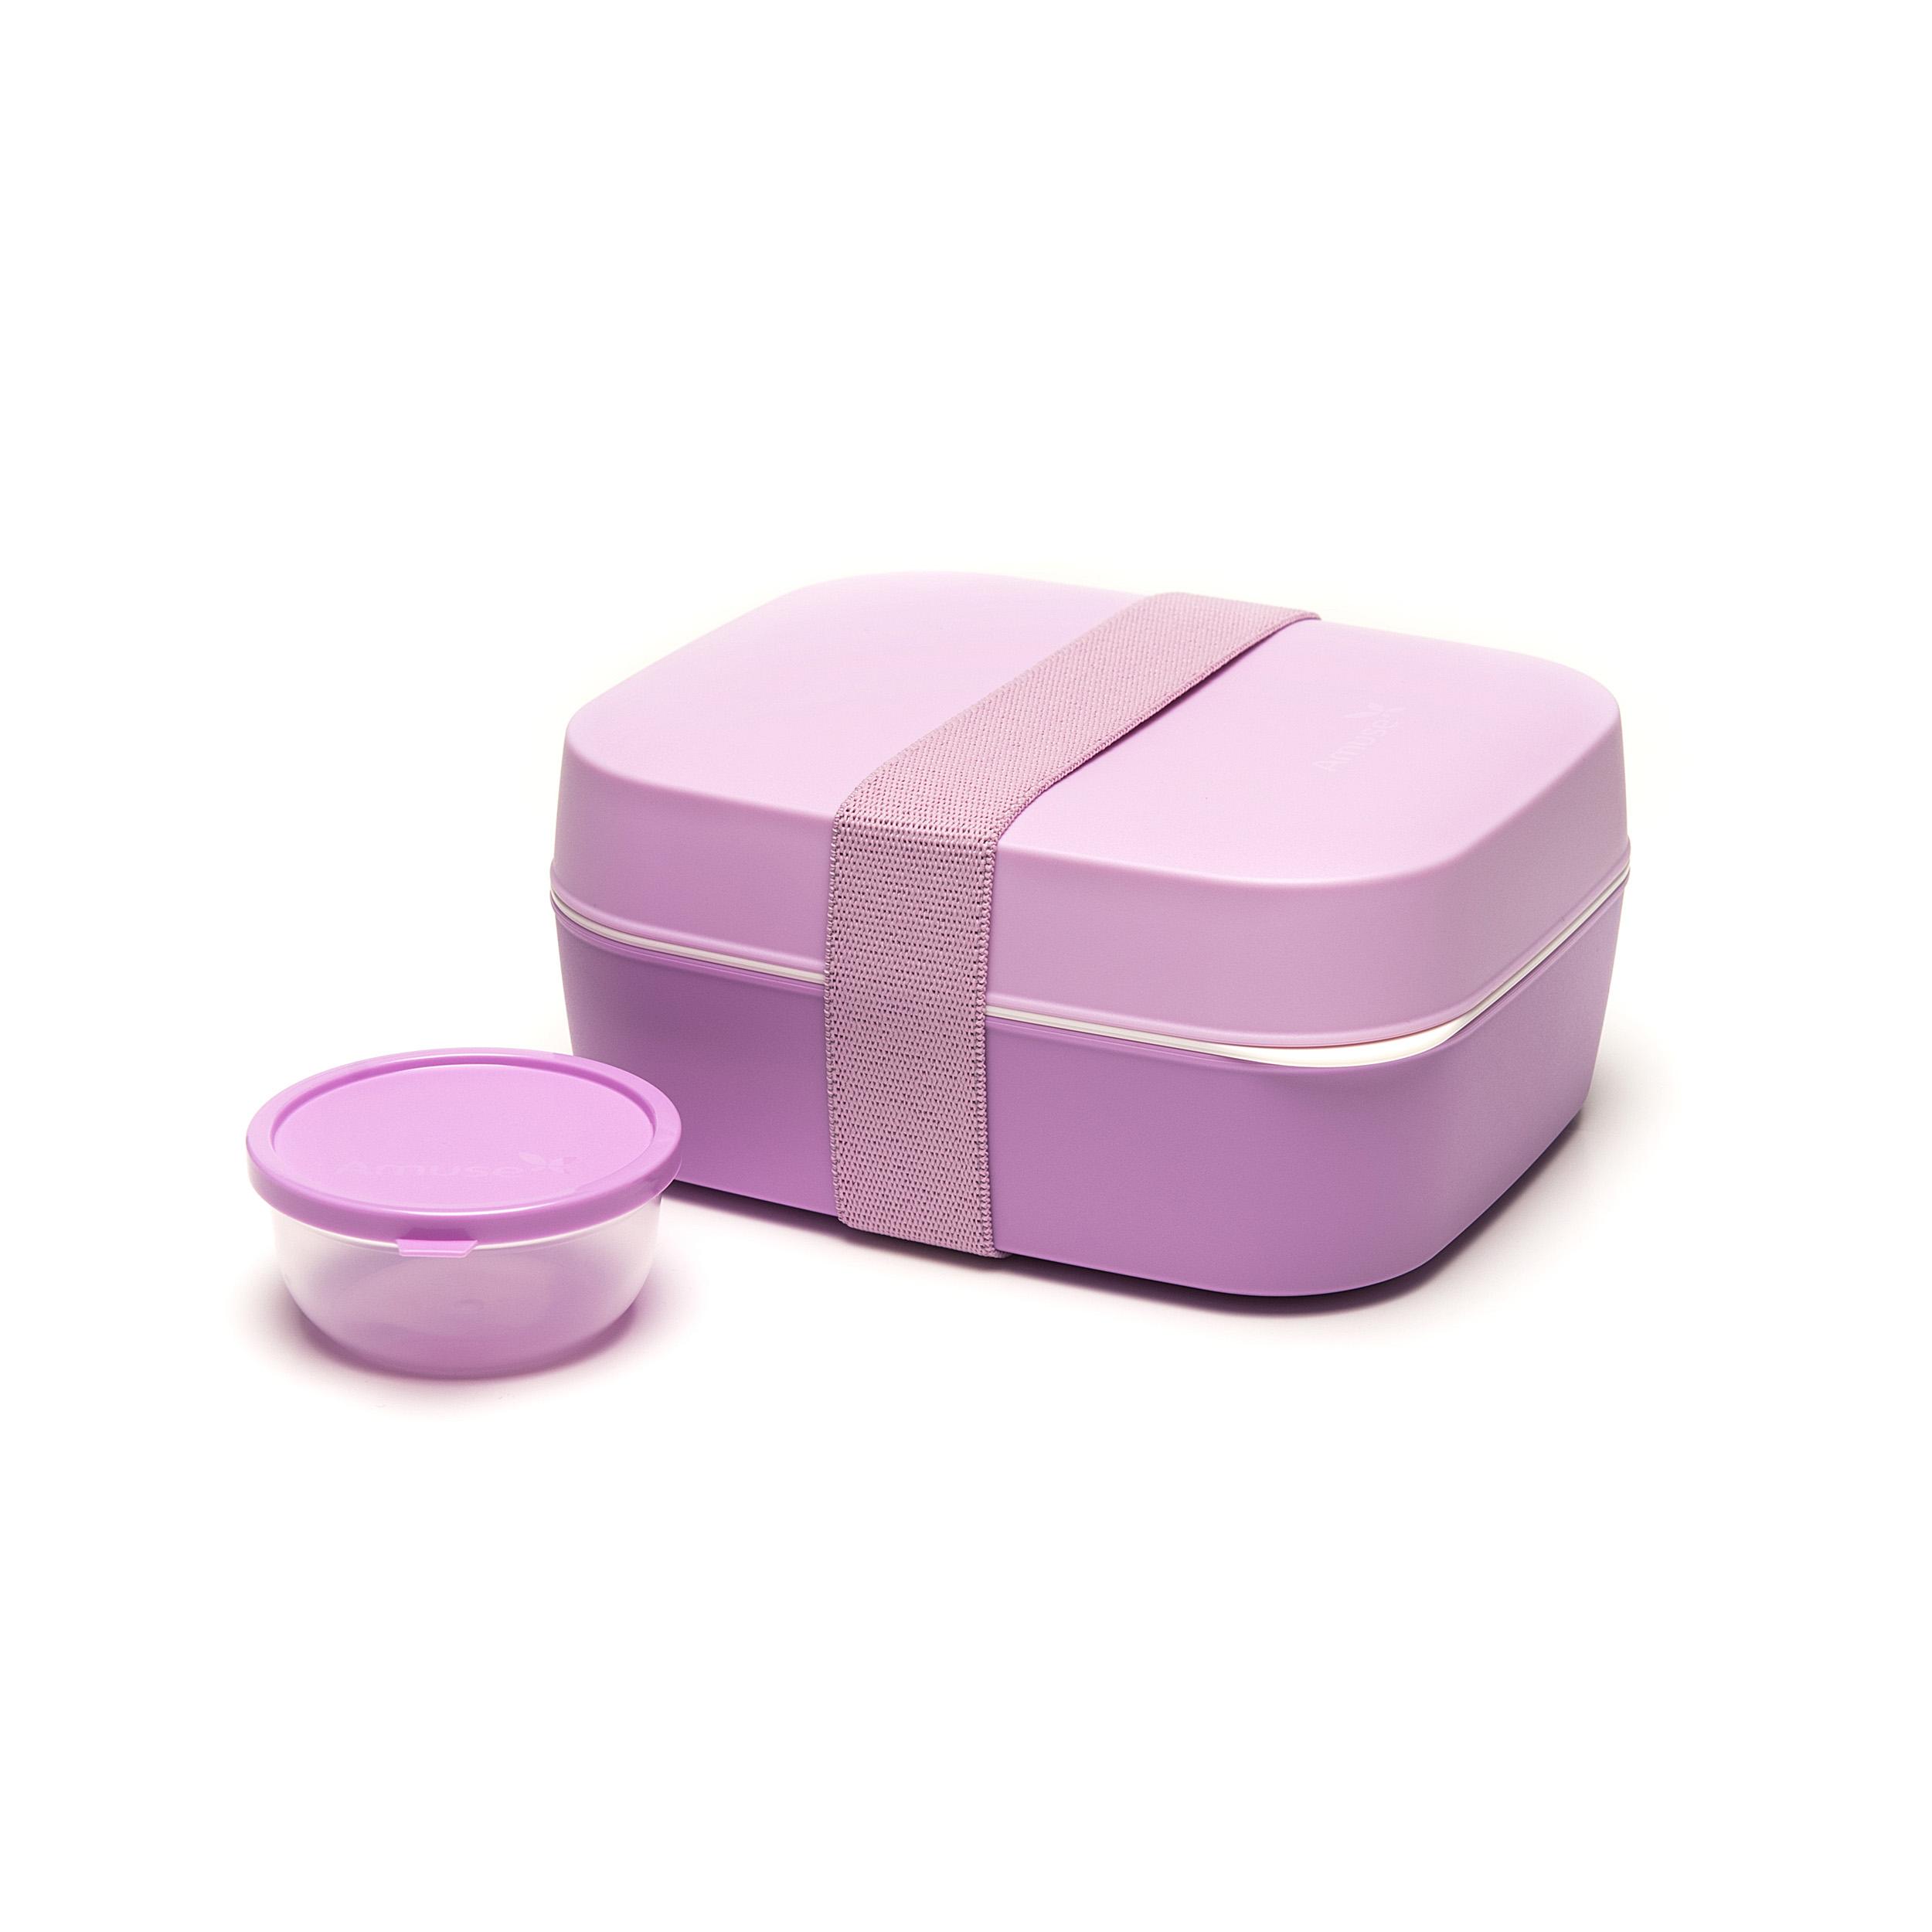 Hibiscus Pink/Satin Pink A-000113